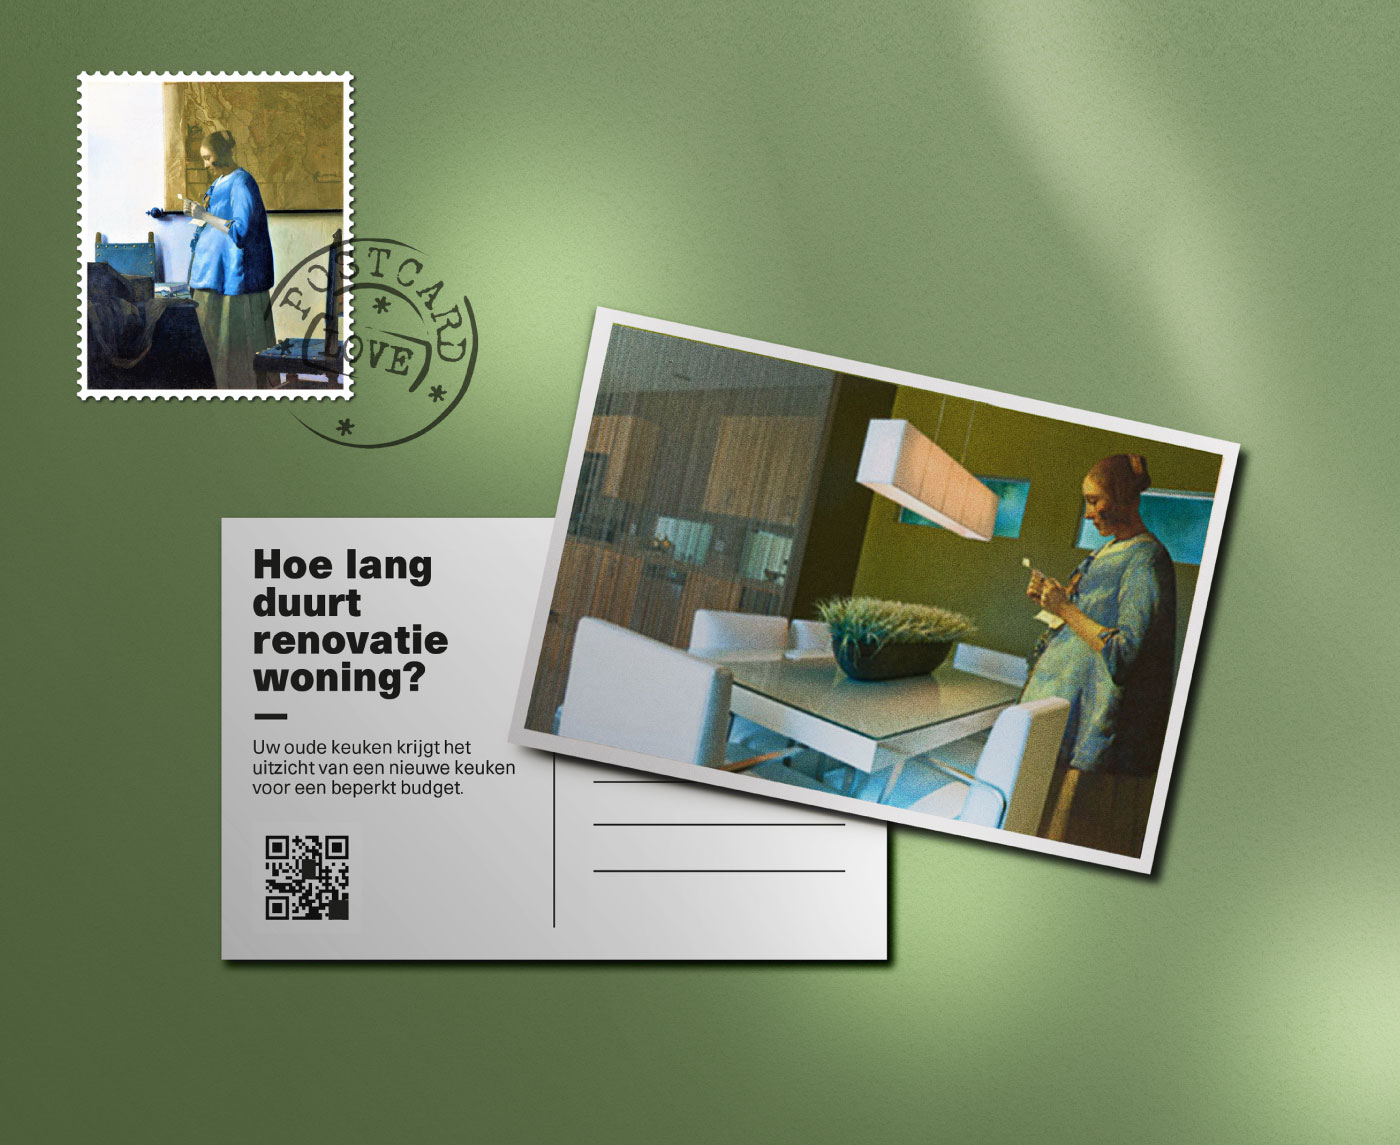 Postal free para una empresa holandesa de reformas de interiores reconstruyendo cuadros del pintor holandés Vermeer